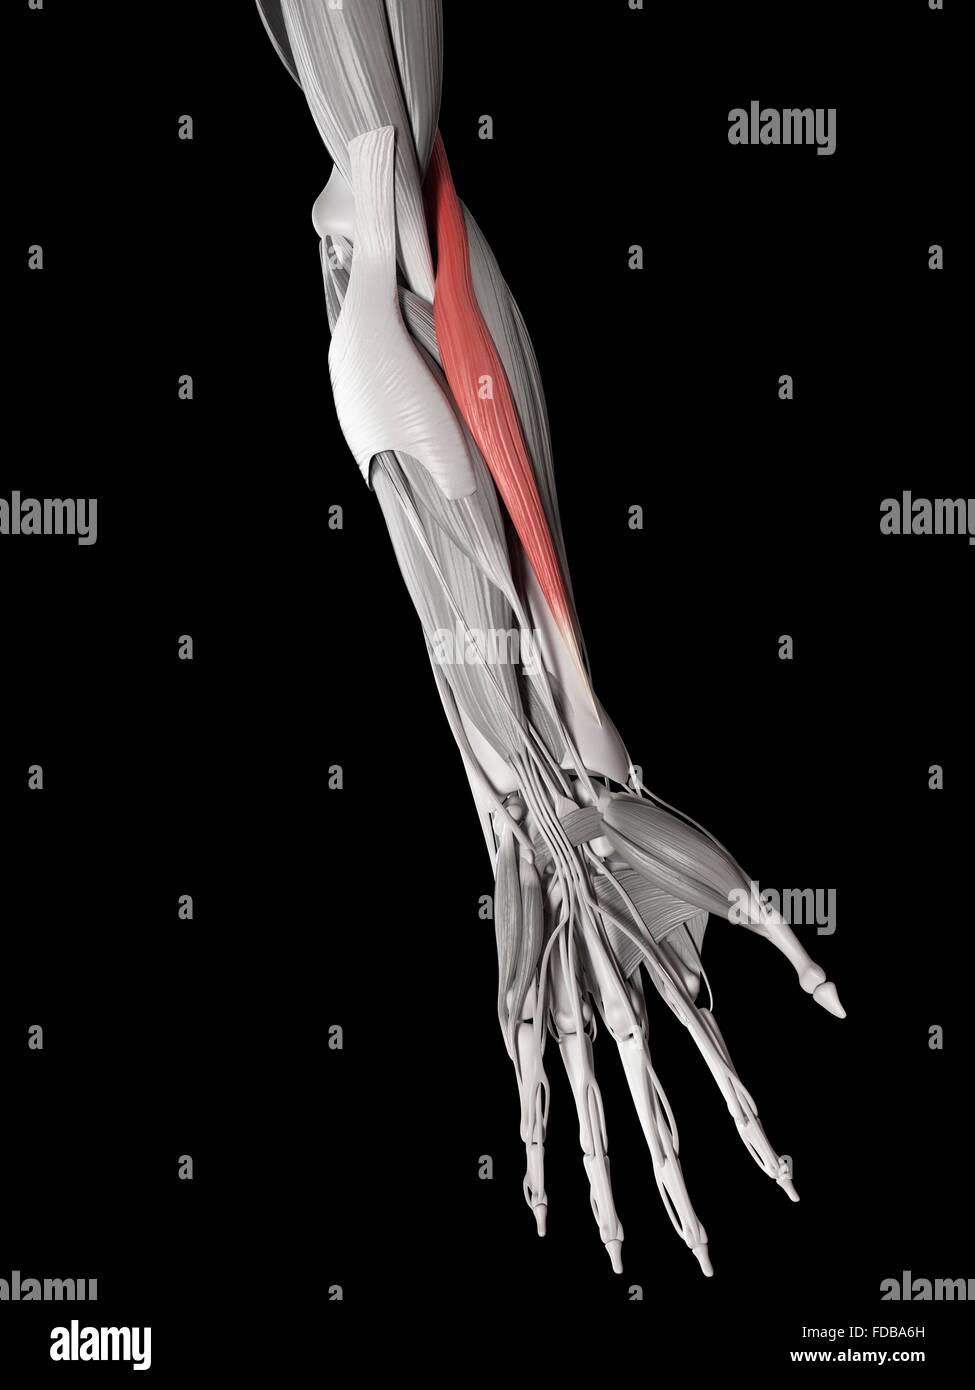 El músculo humano del brazo (brachioradialis), ilustración. Imagen De Stock